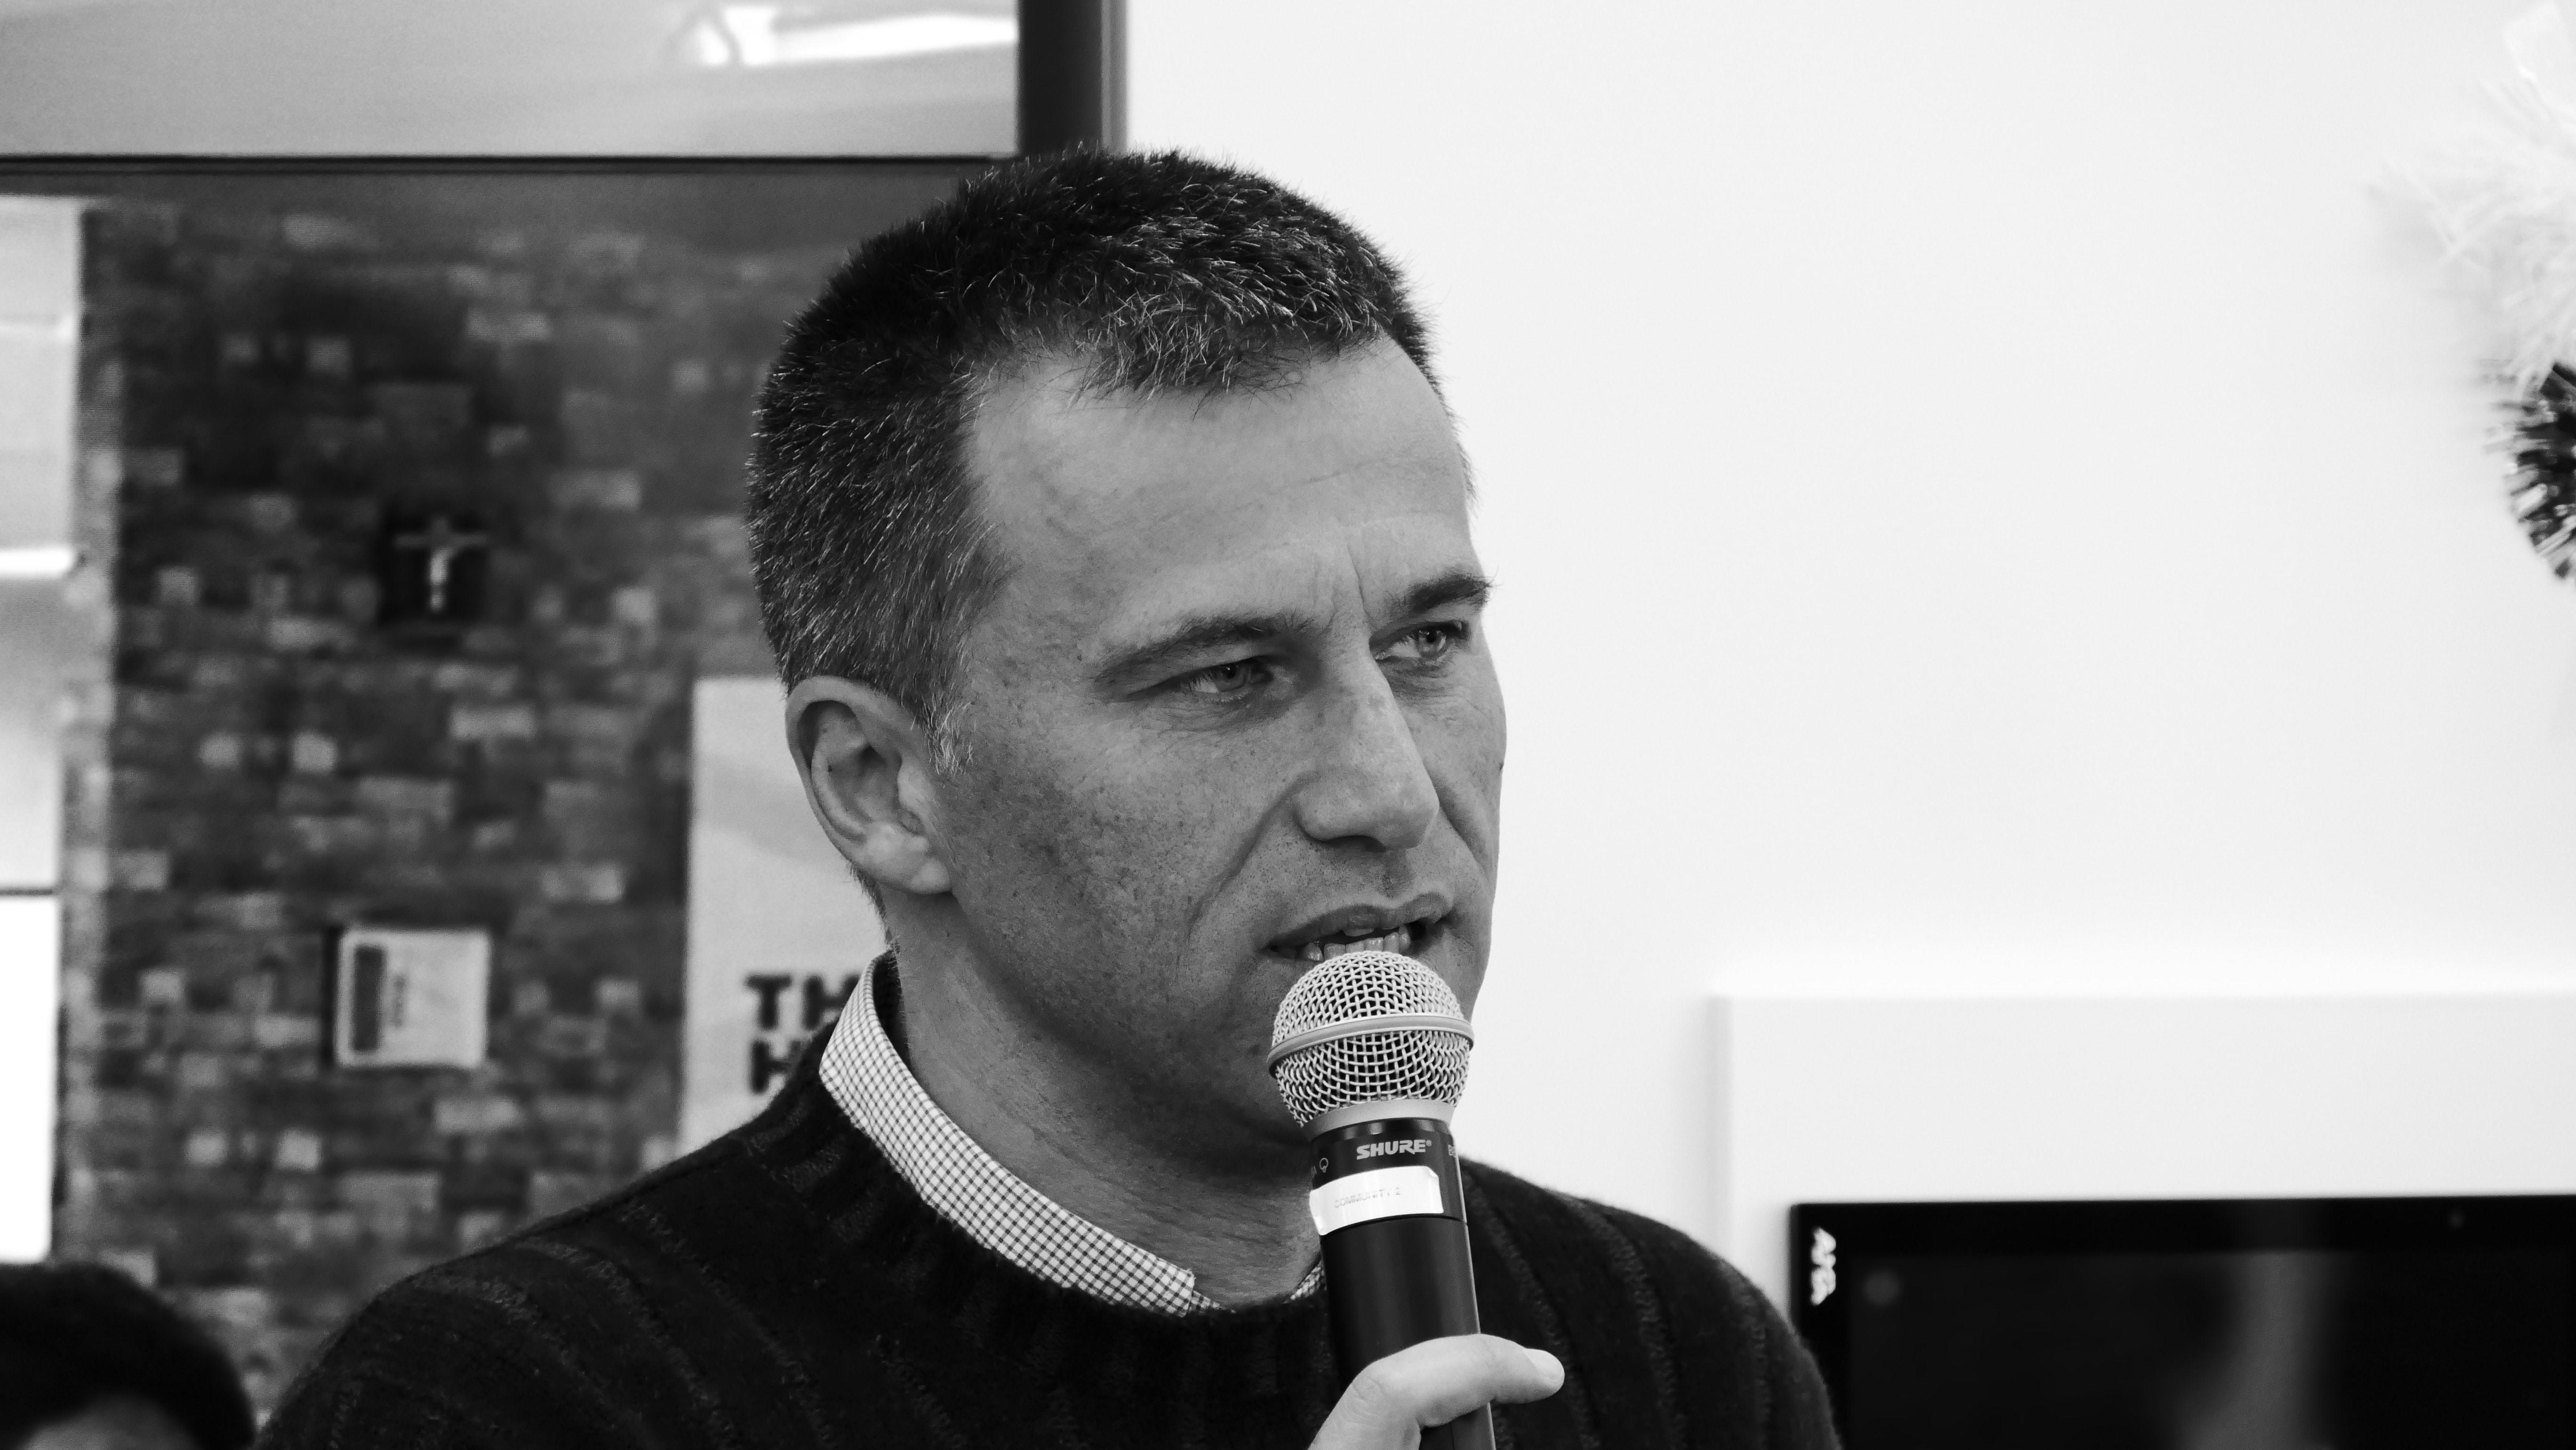 Digital_Hackathon_Accenture_Social_Reporters (7)